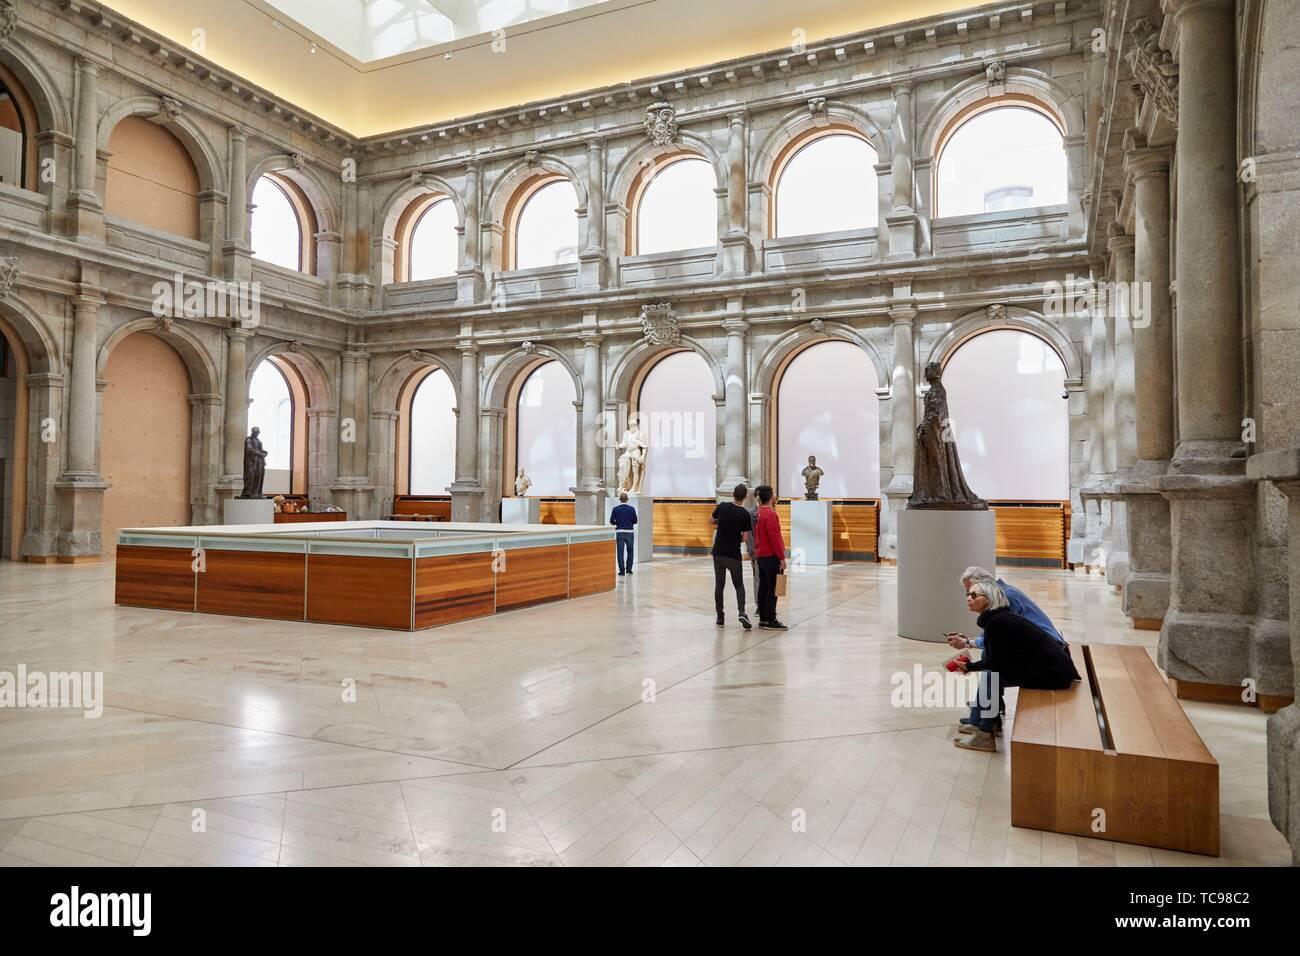 Cloister Jerónimos Building, Prado Museum, Madrid, Spain, Europe - Stock Image